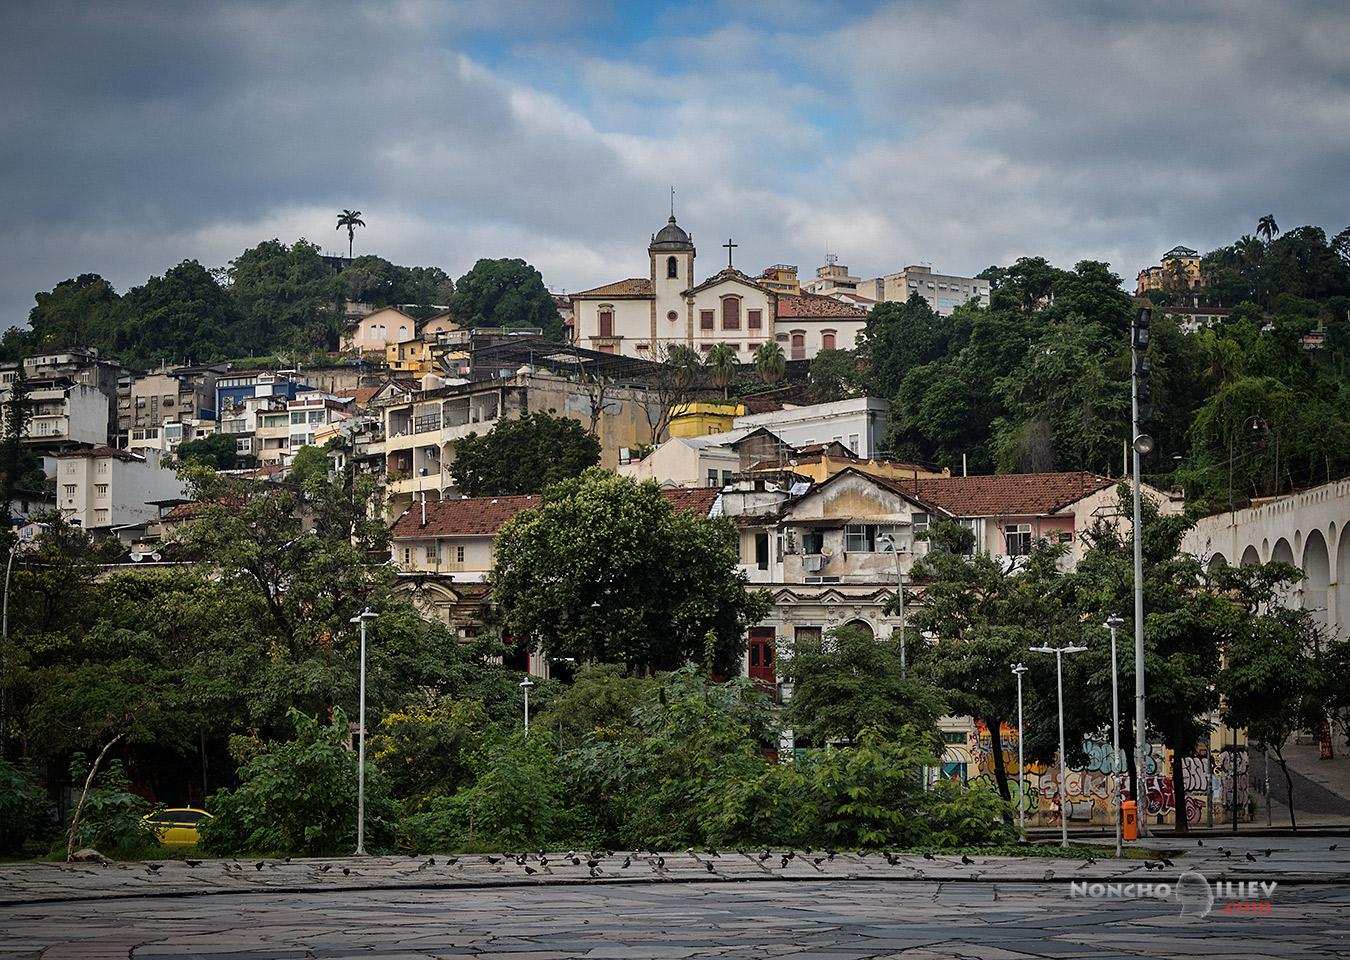 Санта Тереза, Рио де жанейро, Бразилия